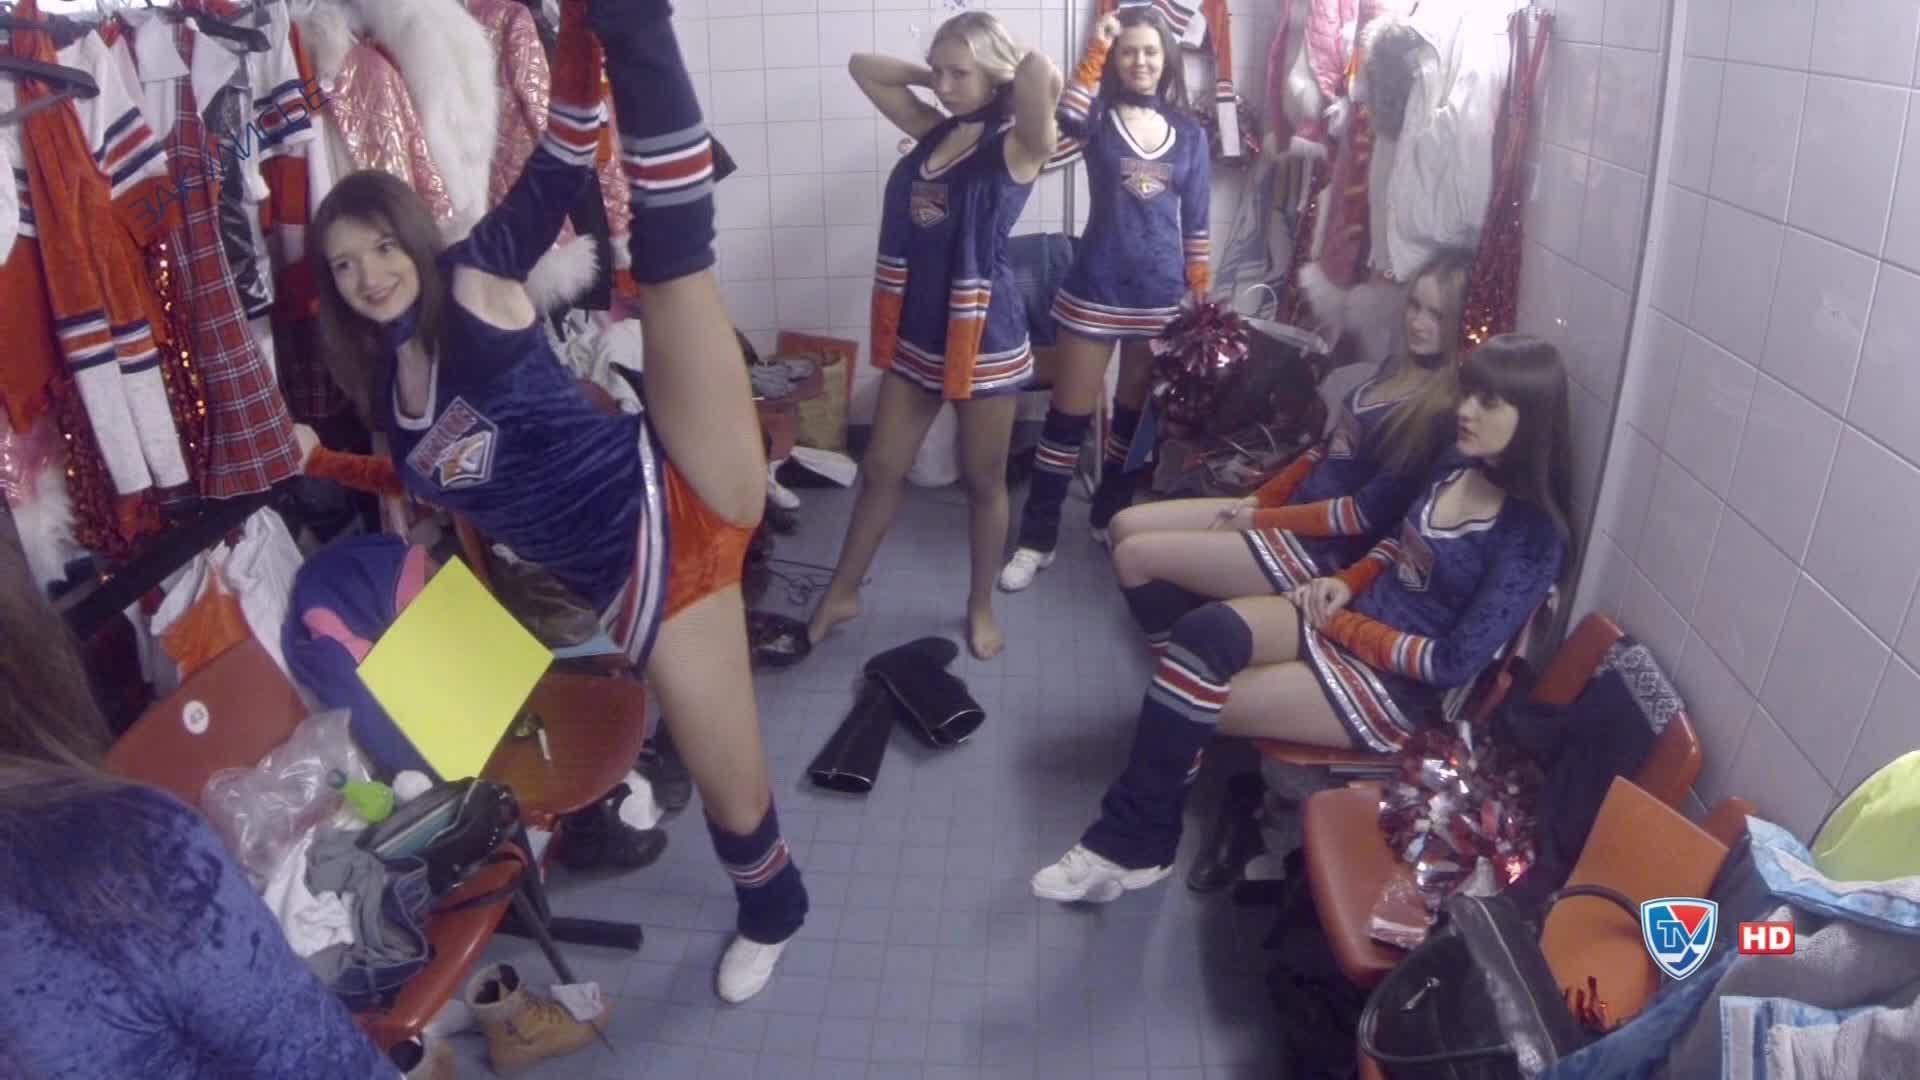 Раздевалка девочек из группы поддержки 2 фотография